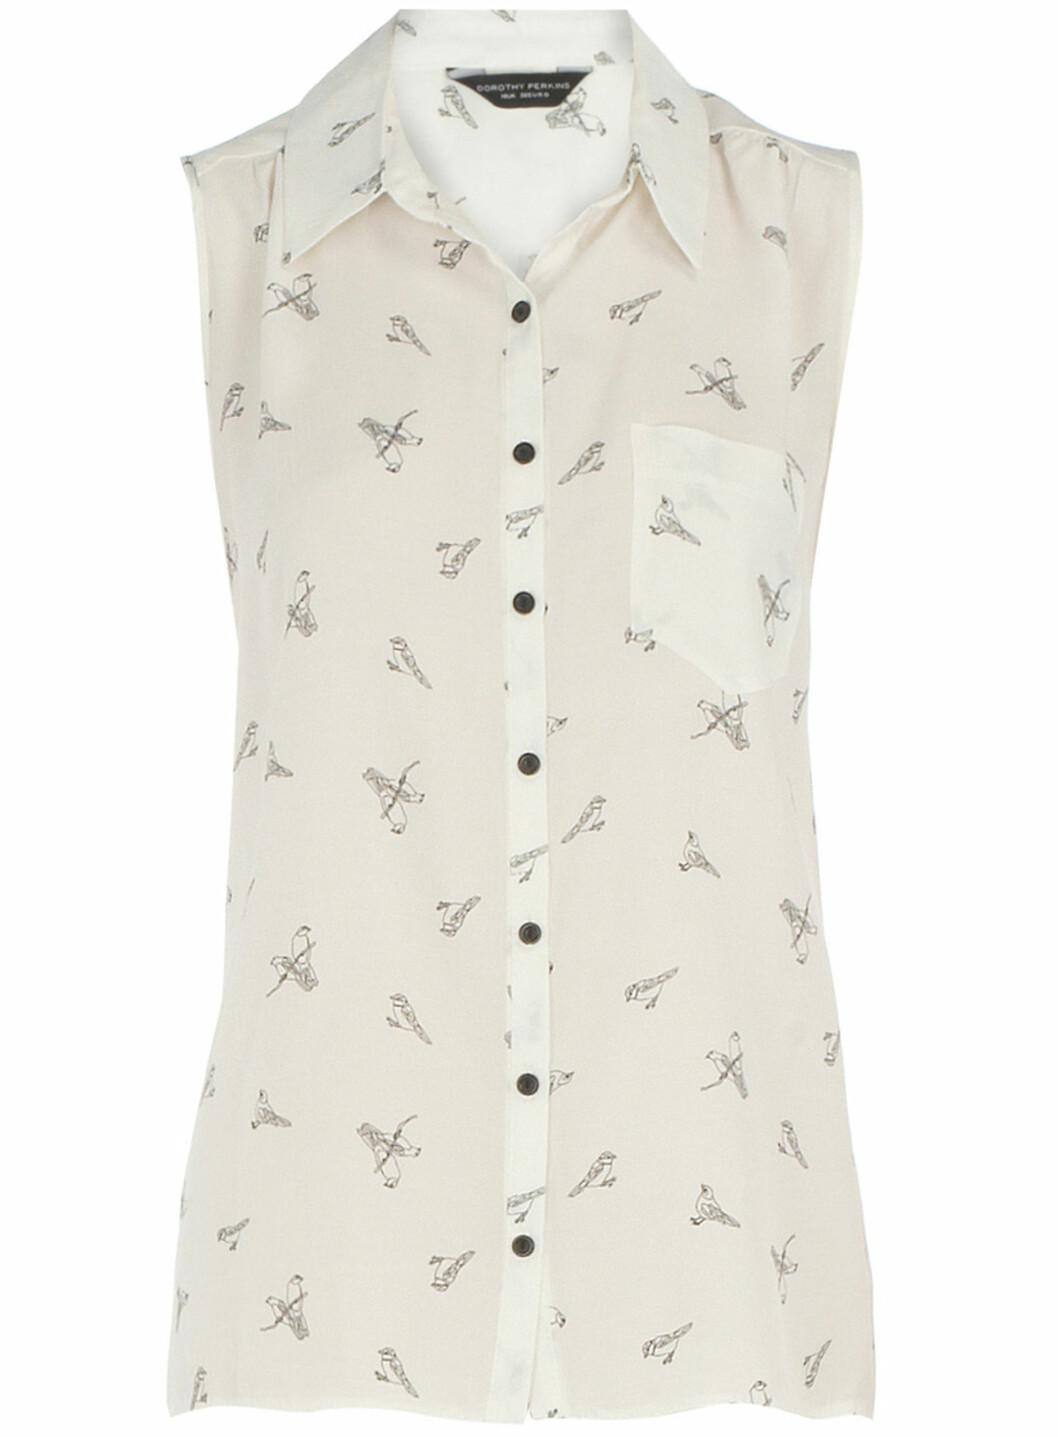 Ermeløs skjorte med søtt fuglemotiv (ca kr.190/Dorothyperkins.com). Foto: Produsenten